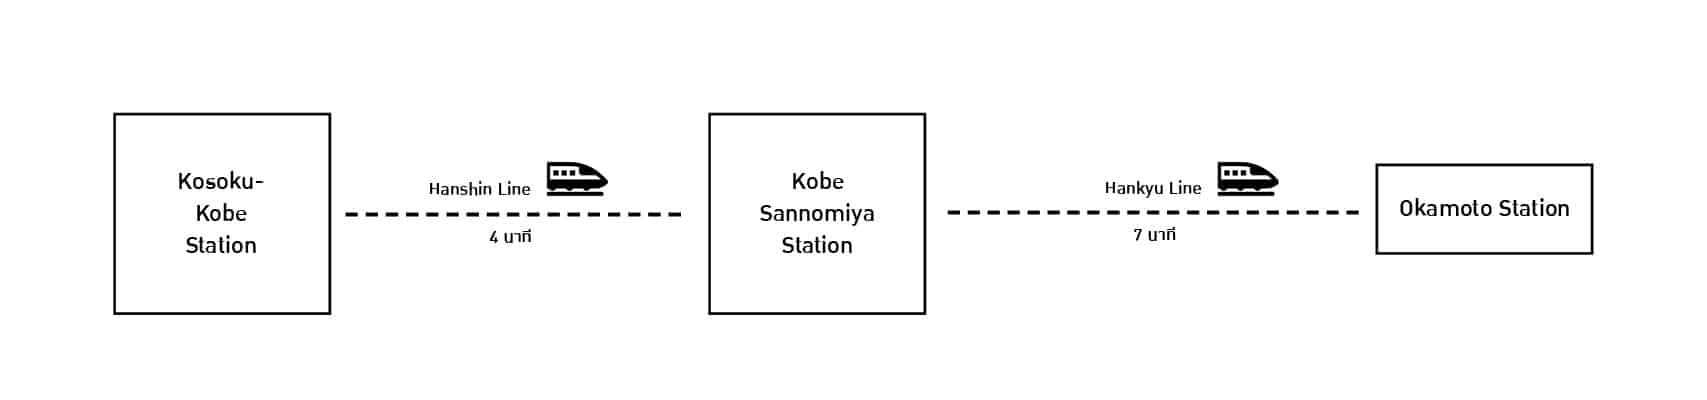 นั่งรถไฟสาย Hankyu มาลงที่ Okamoto Station